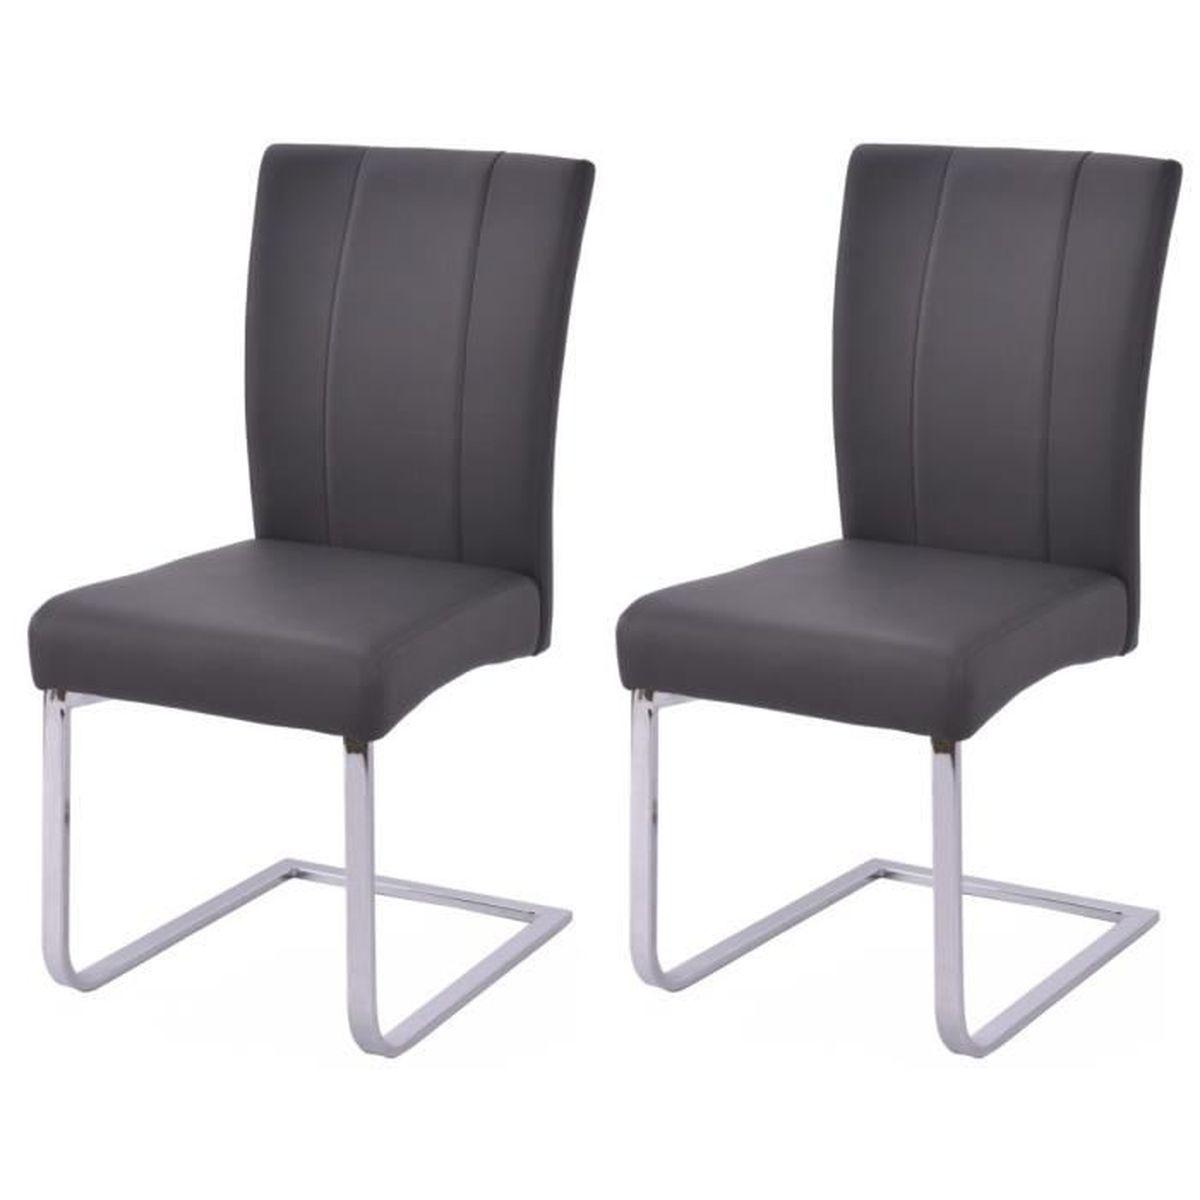 chaise de cuisine moderne achat vente pas cher. Black Bedroom Furniture Sets. Home Design Ideas